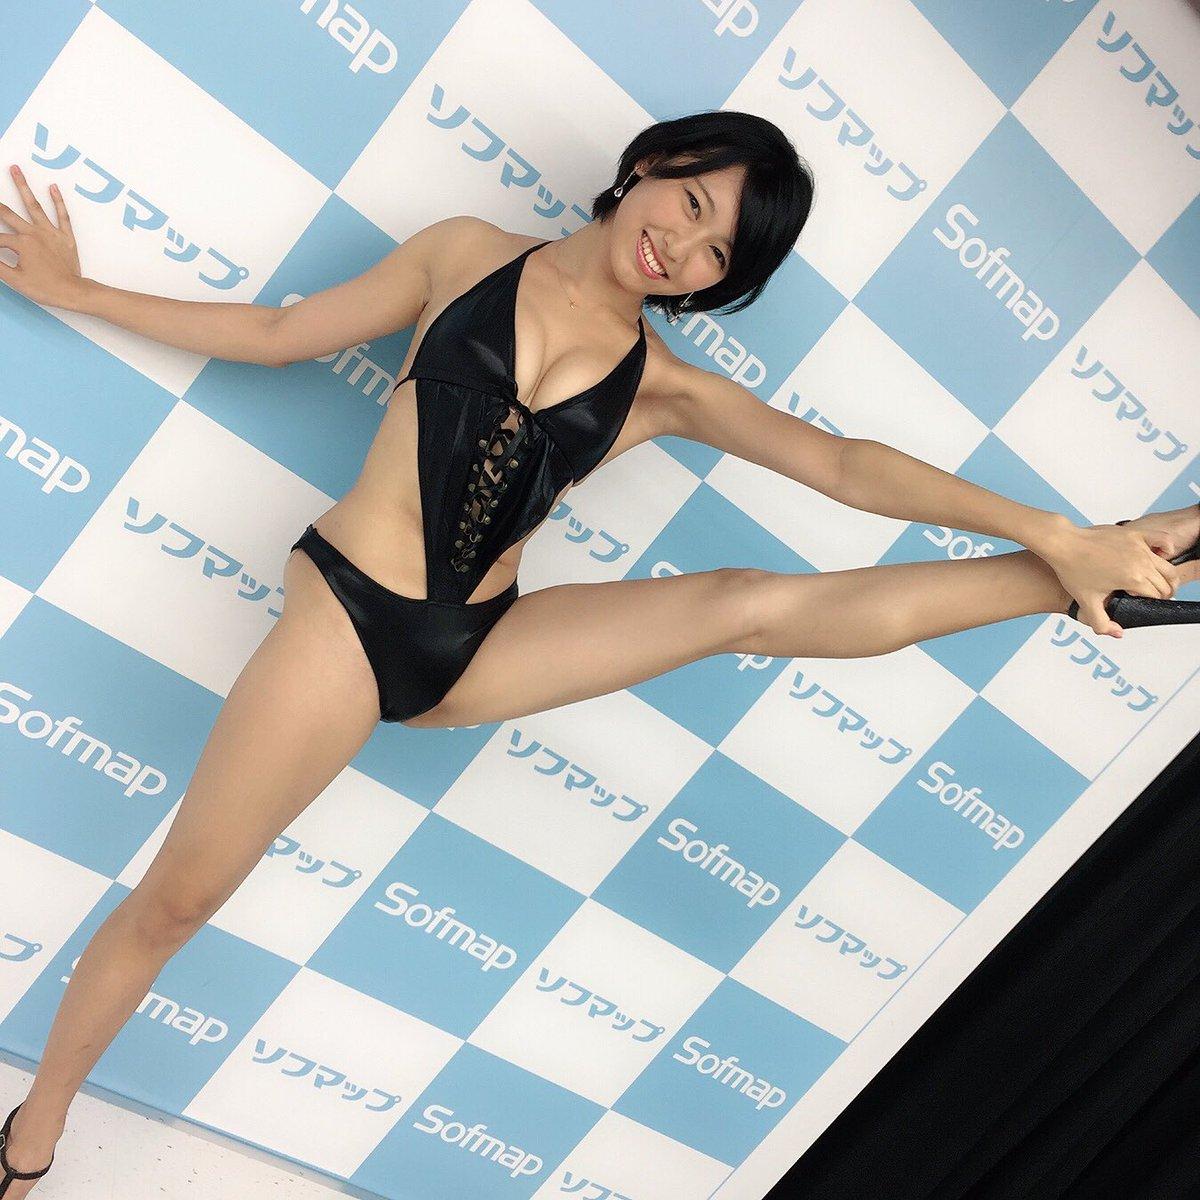 咲村良子 DVD 再愛 ソフマップ 発売イベント 画像